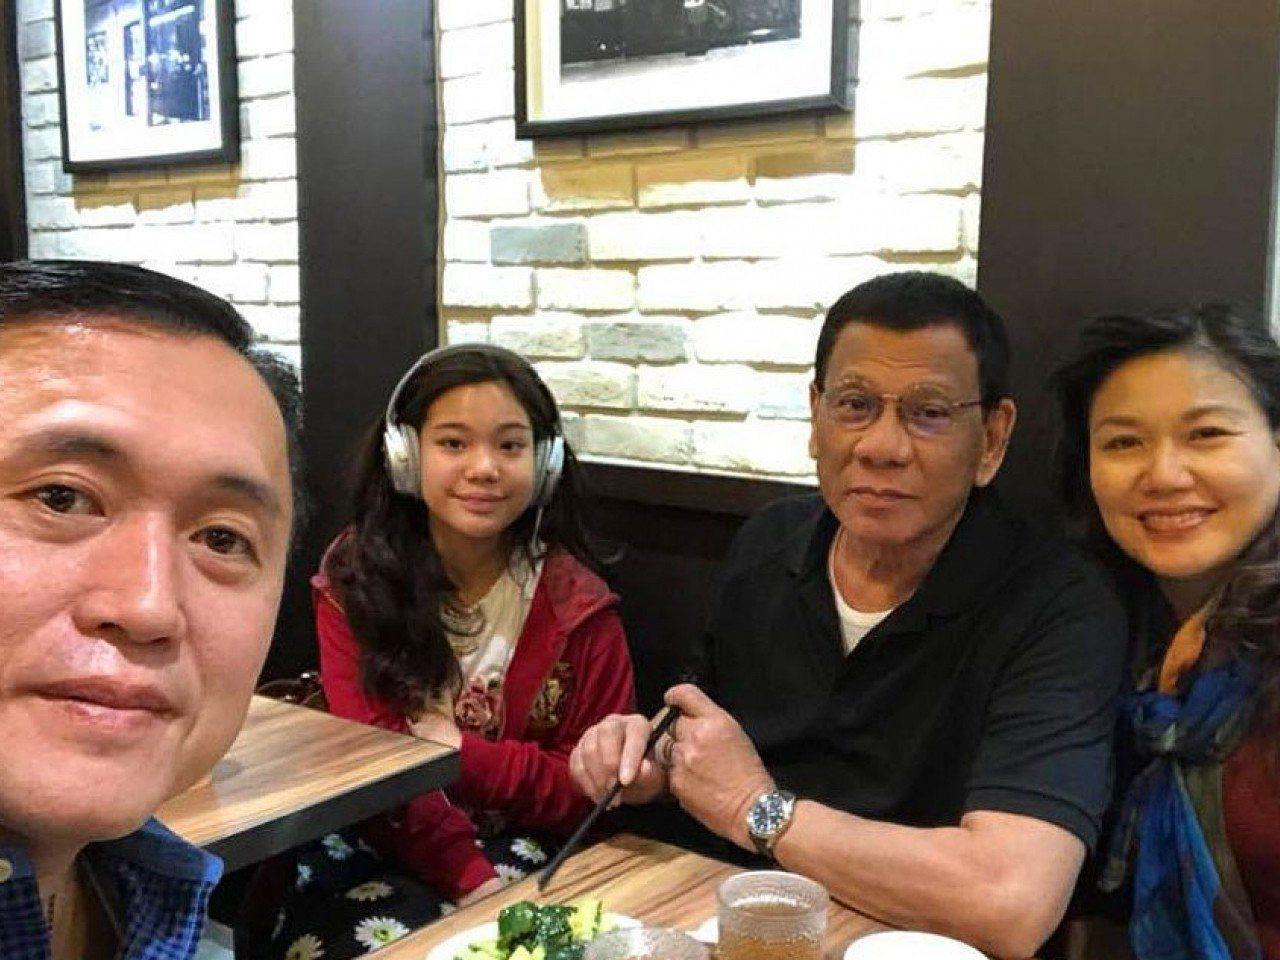 杜特爾特與家人訪港,在銅鑼灣逛時裝店及吃飯。圖擷自臉書